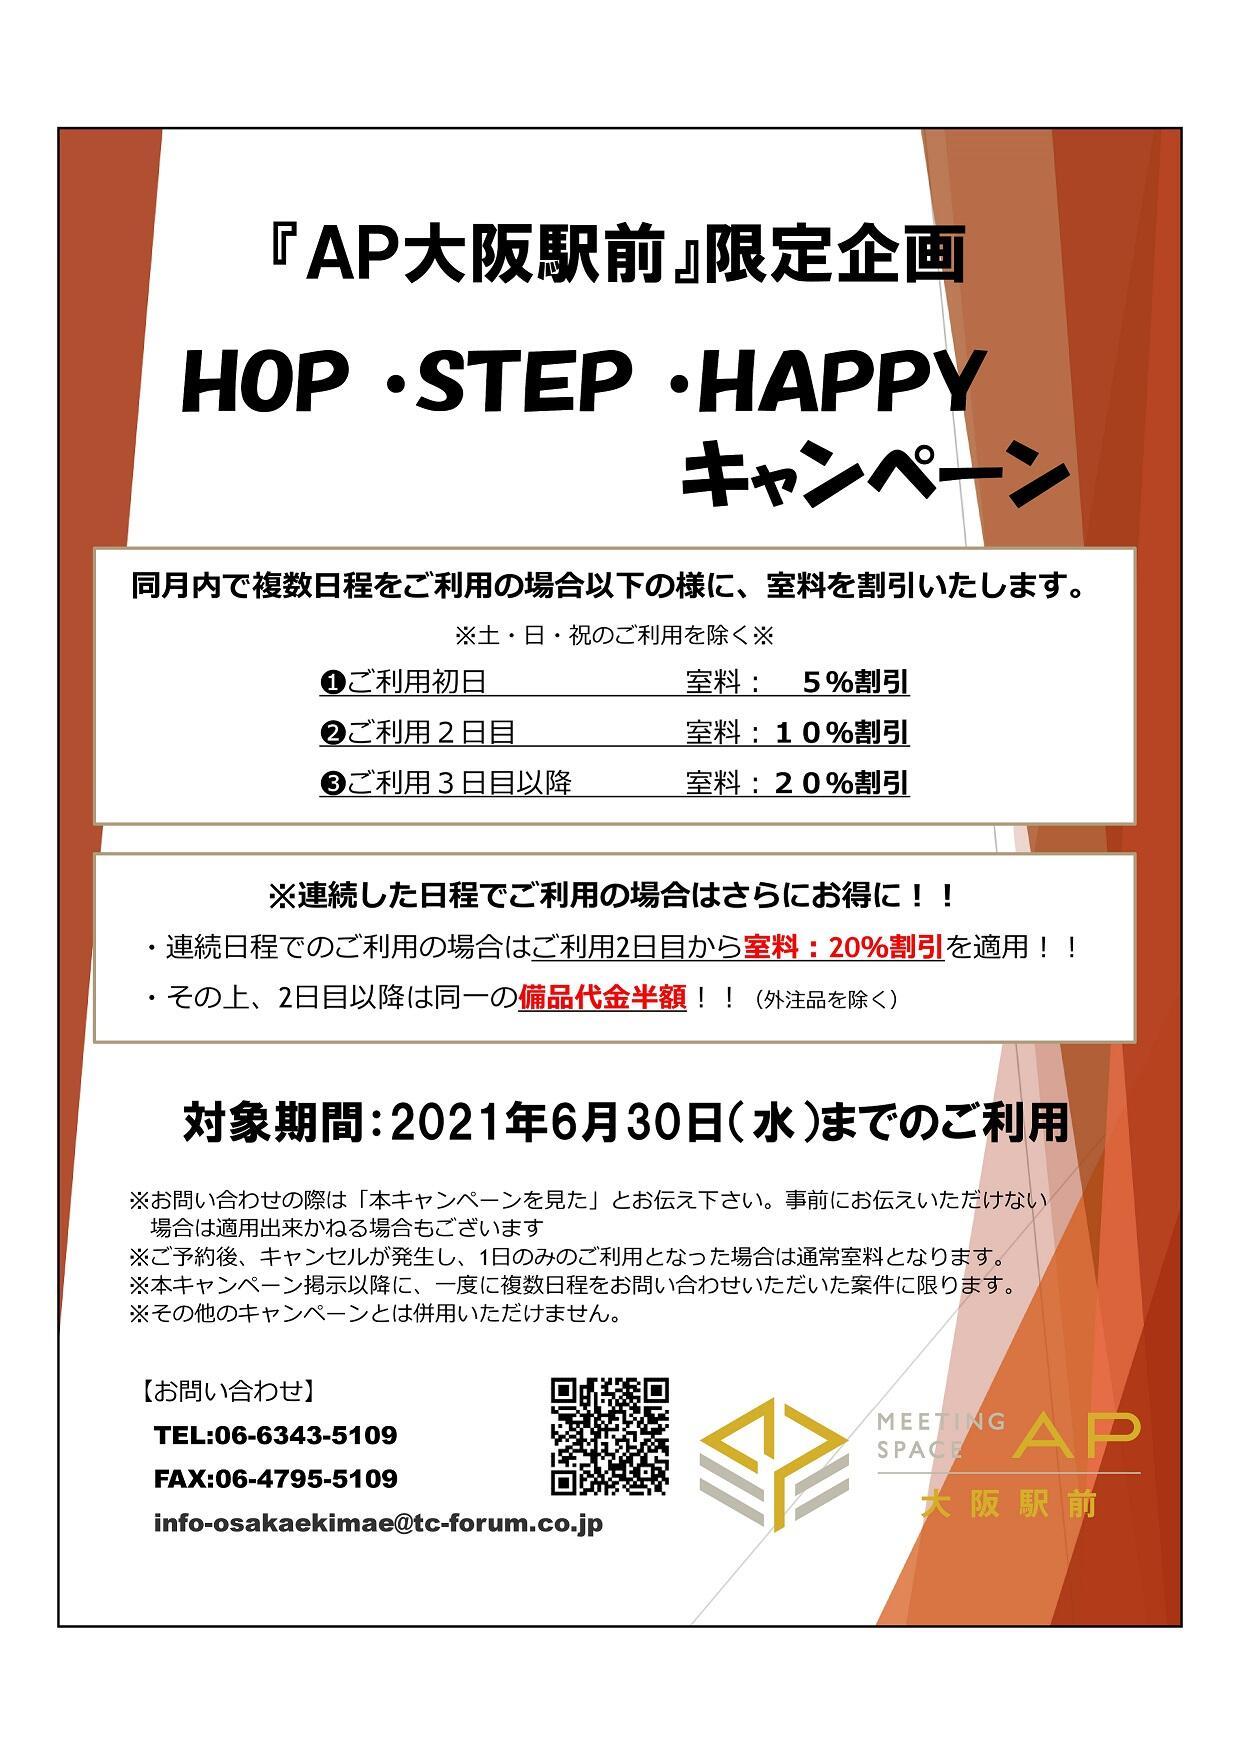 ホップ・ステップ・ハッピーキャンペーン.jpg